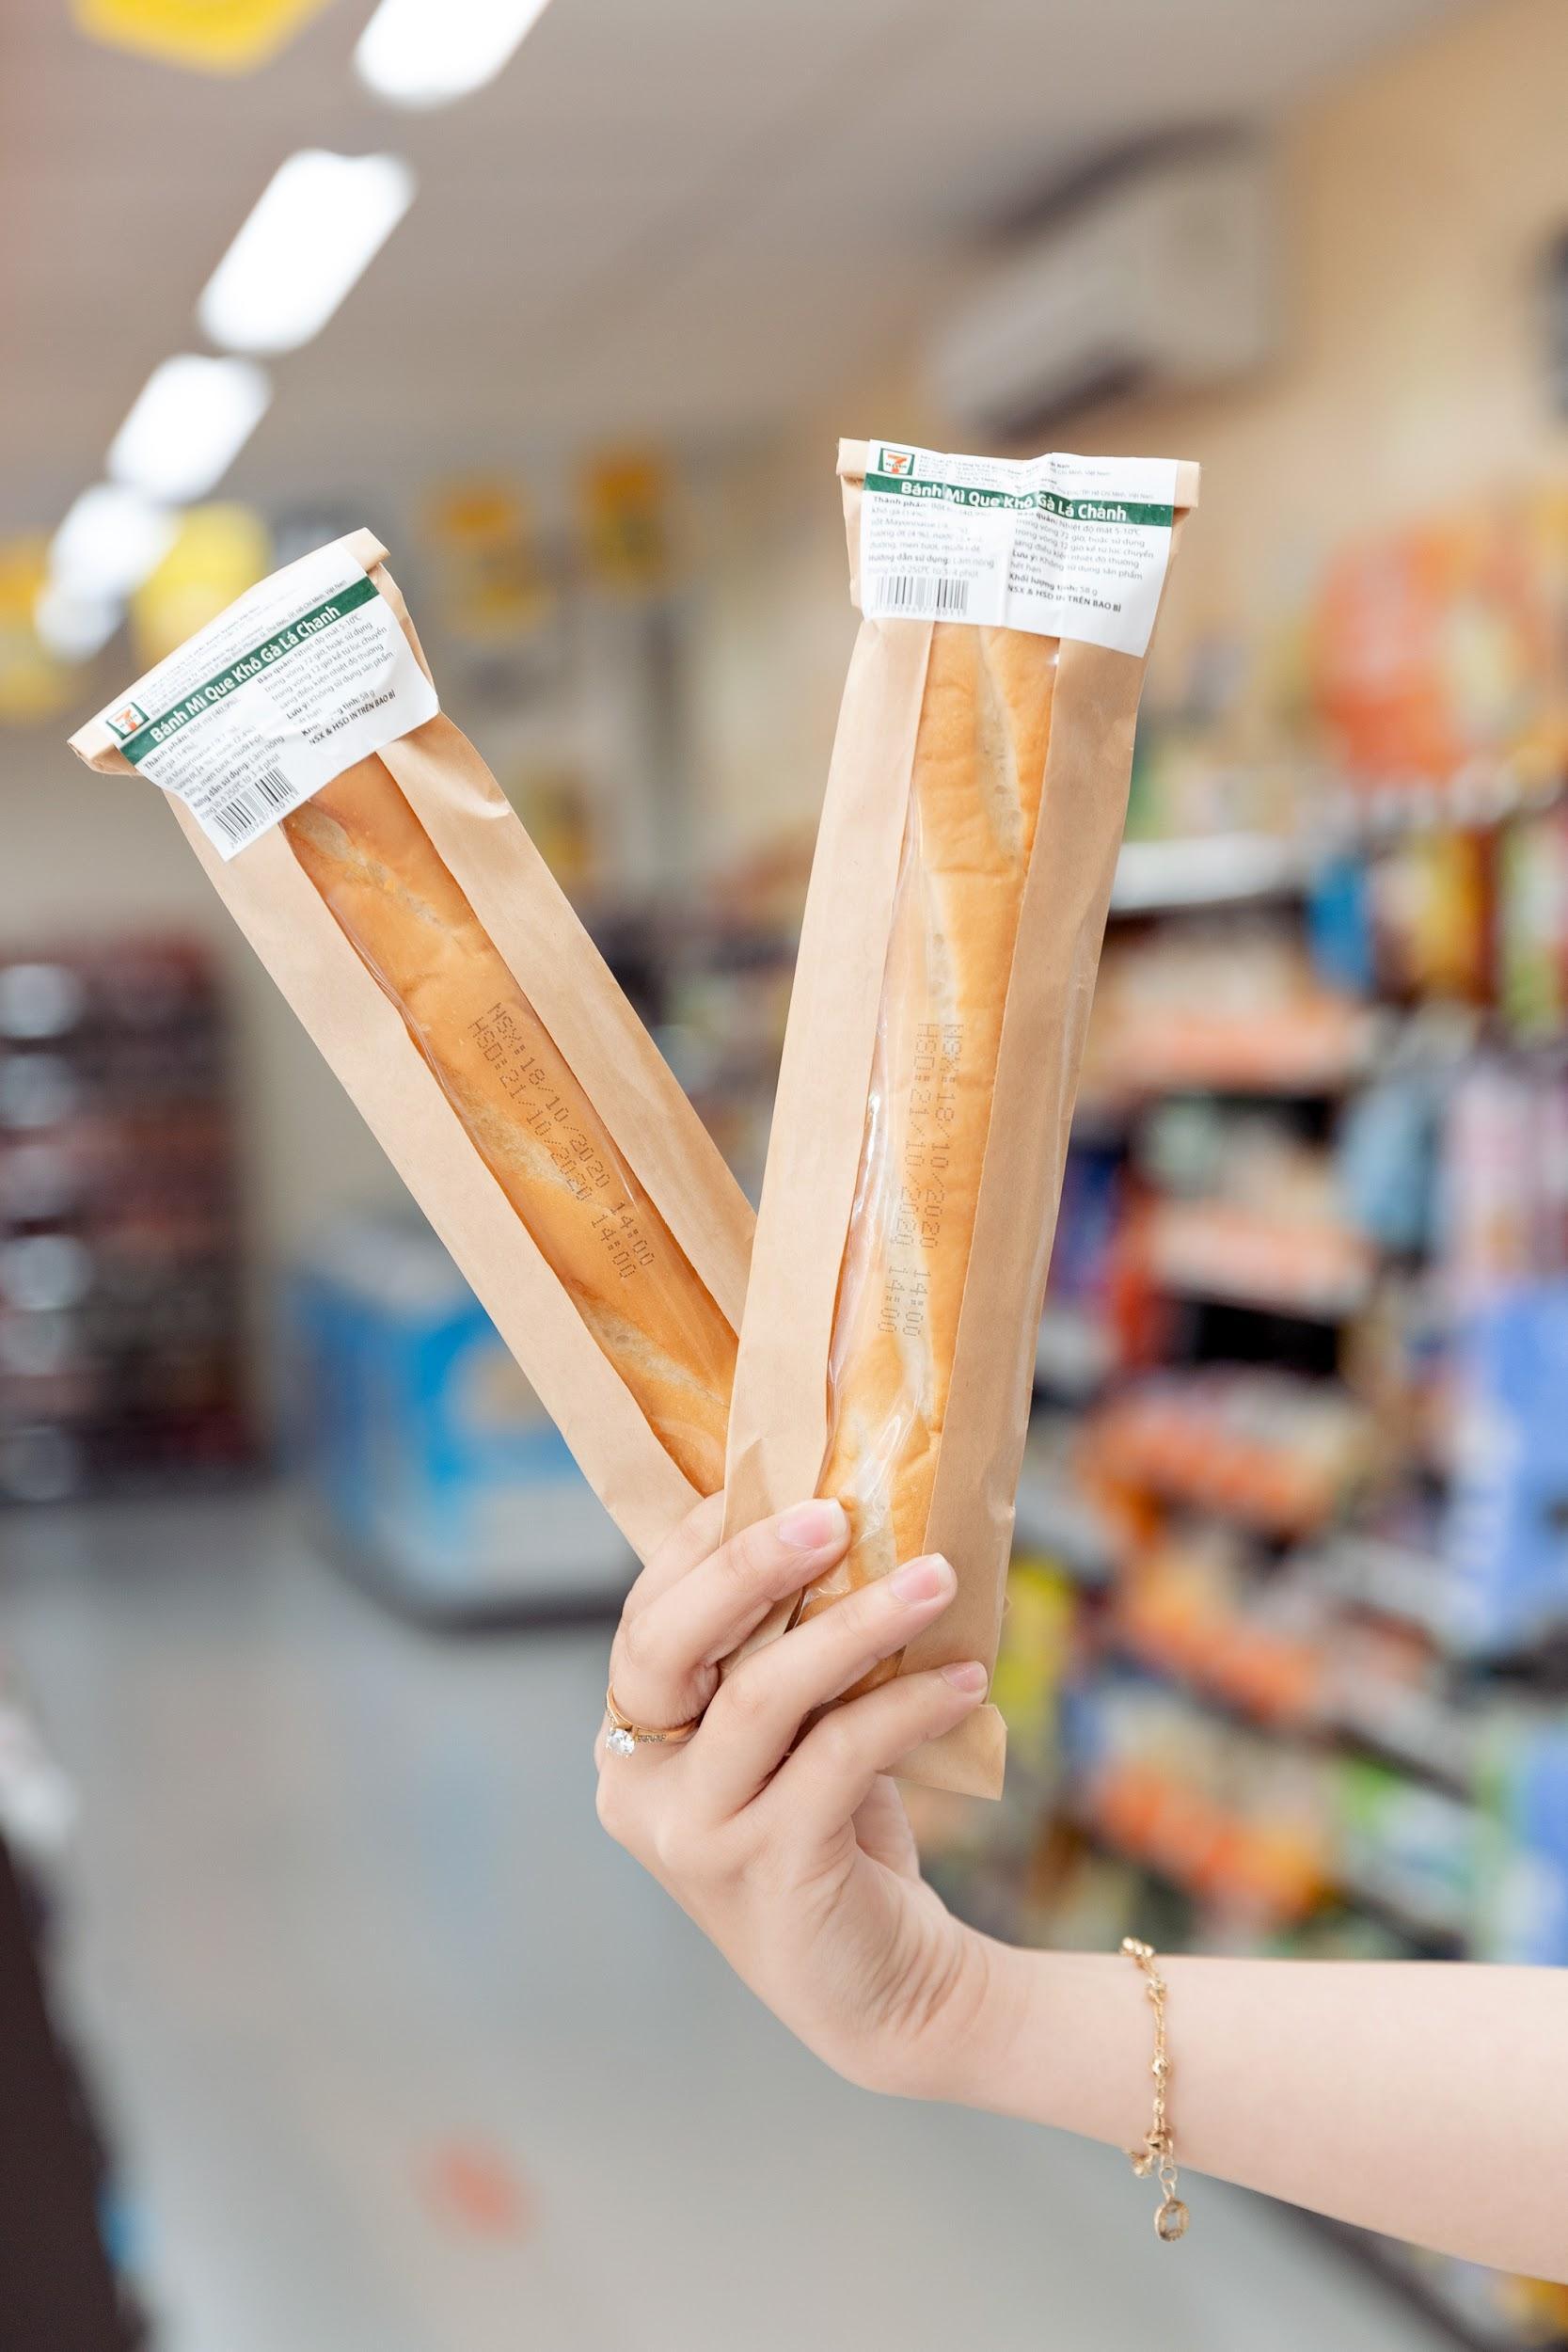 Khám phá loạt món đồ thiết yếu ở 7-Eleven khiến bạn ồ à quyết xuống tiền mua ngay! - Ảnh 3.